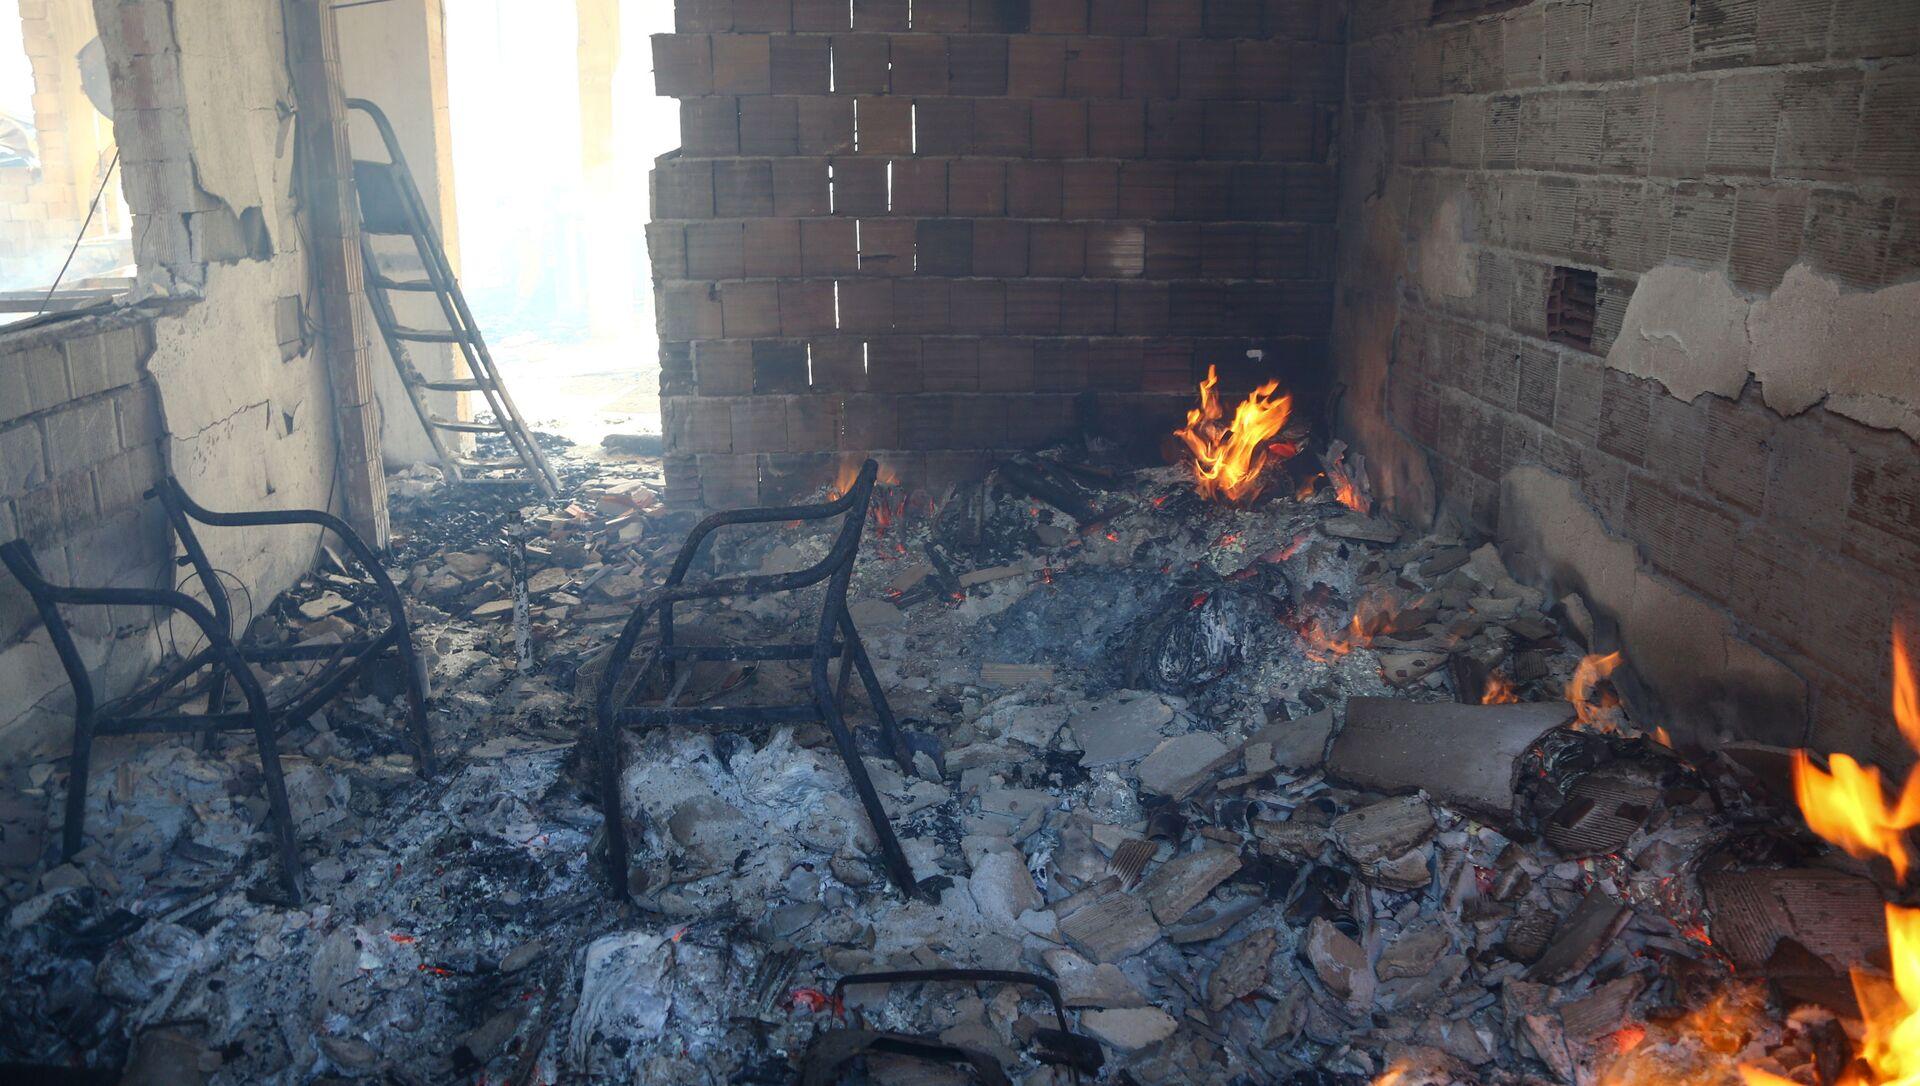 Комната сгоревшего в результате лесного пожара дома в Манагавте, Турция - Sputnik Абхазия, 1920, 30.07.2021